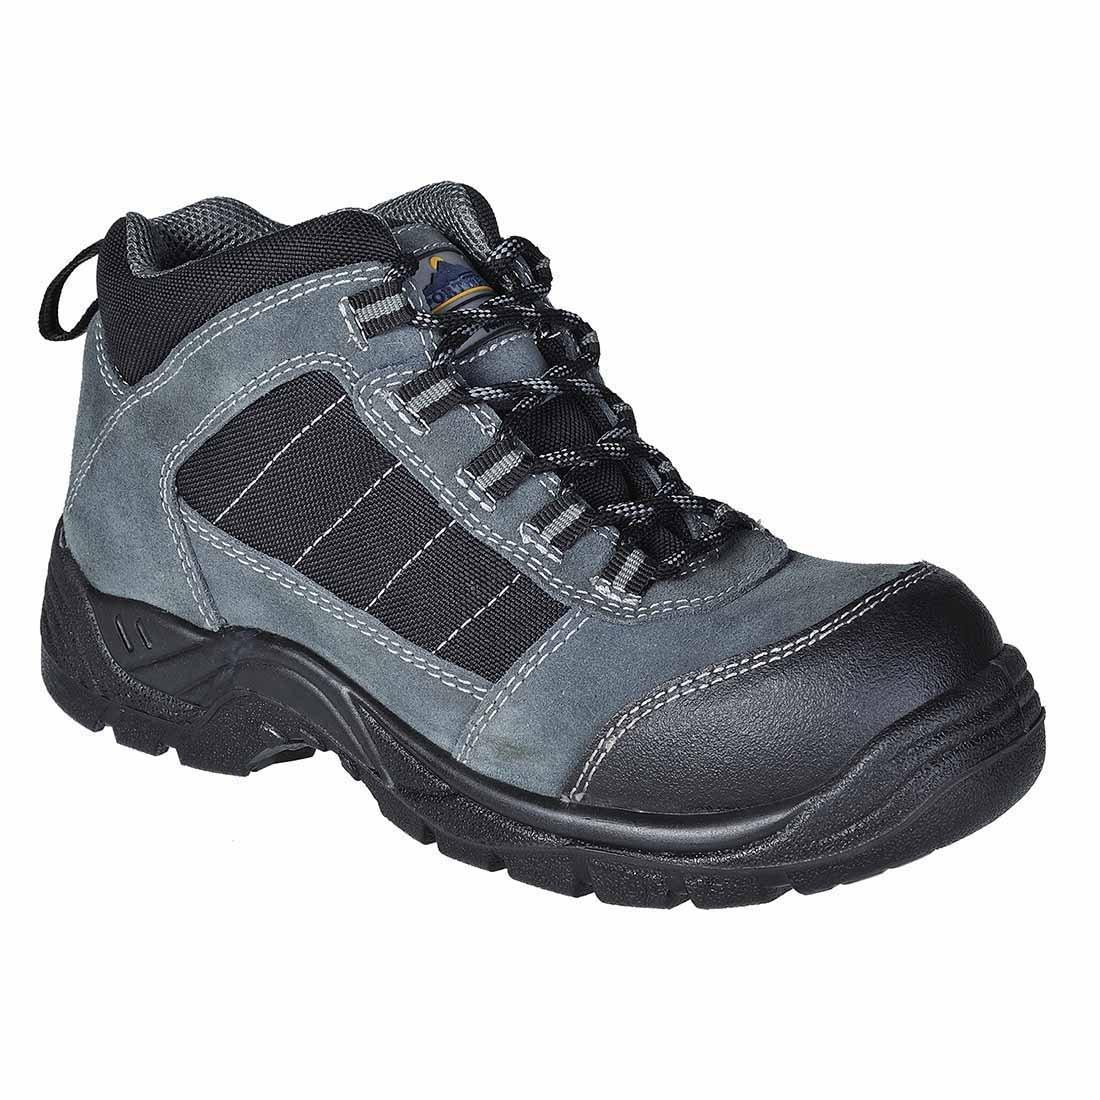 Portwest FC63 TREKKER TREKKER S1 Chaussure de sécurité S1 – 37/4, 37/4, 40, noir noir a553283 - automatisms.space